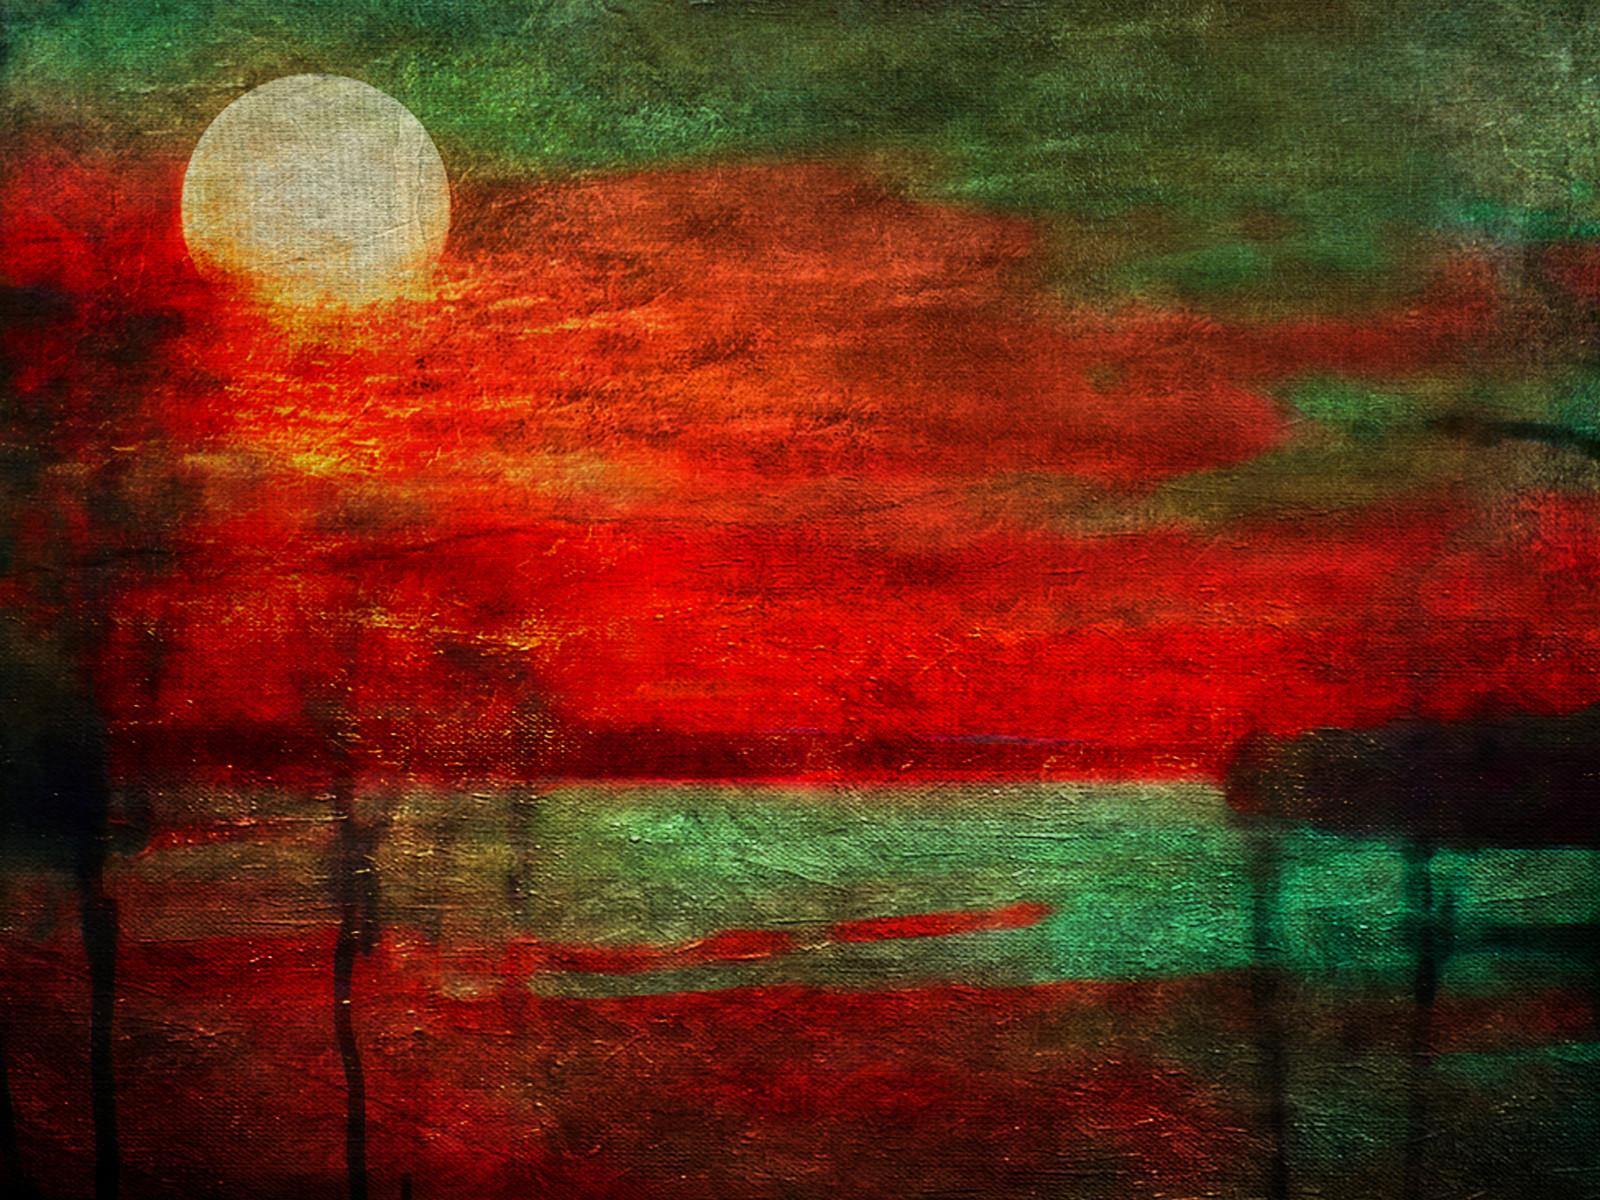 Fond d'écran : La peinture, baie, rouge, vert, texture, Couleur, art numérique, manipulation de ...